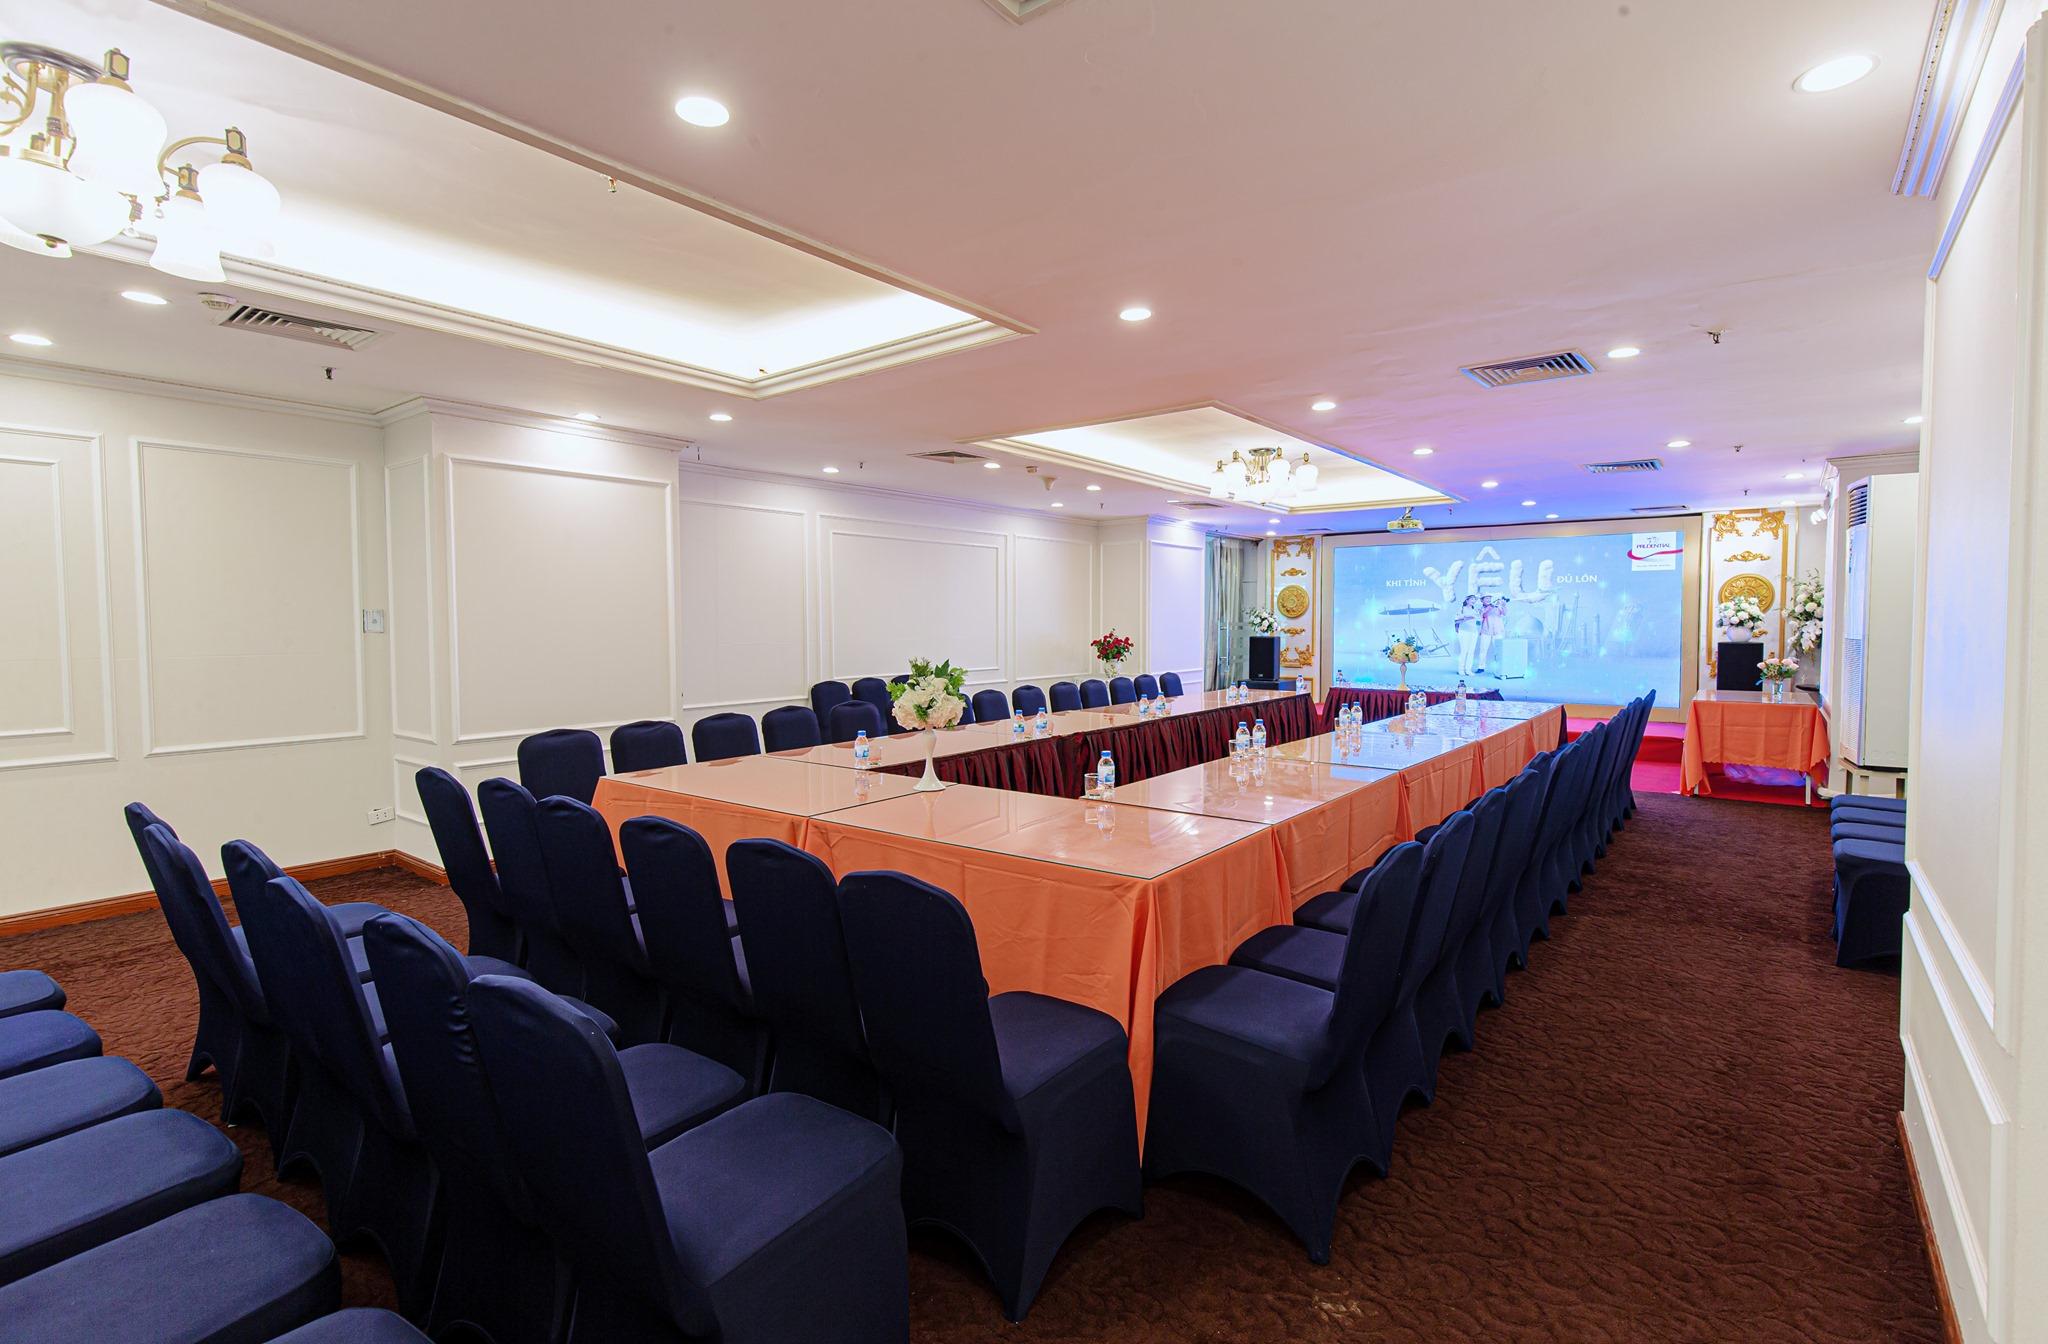 Trung tâm hội nghị Artex